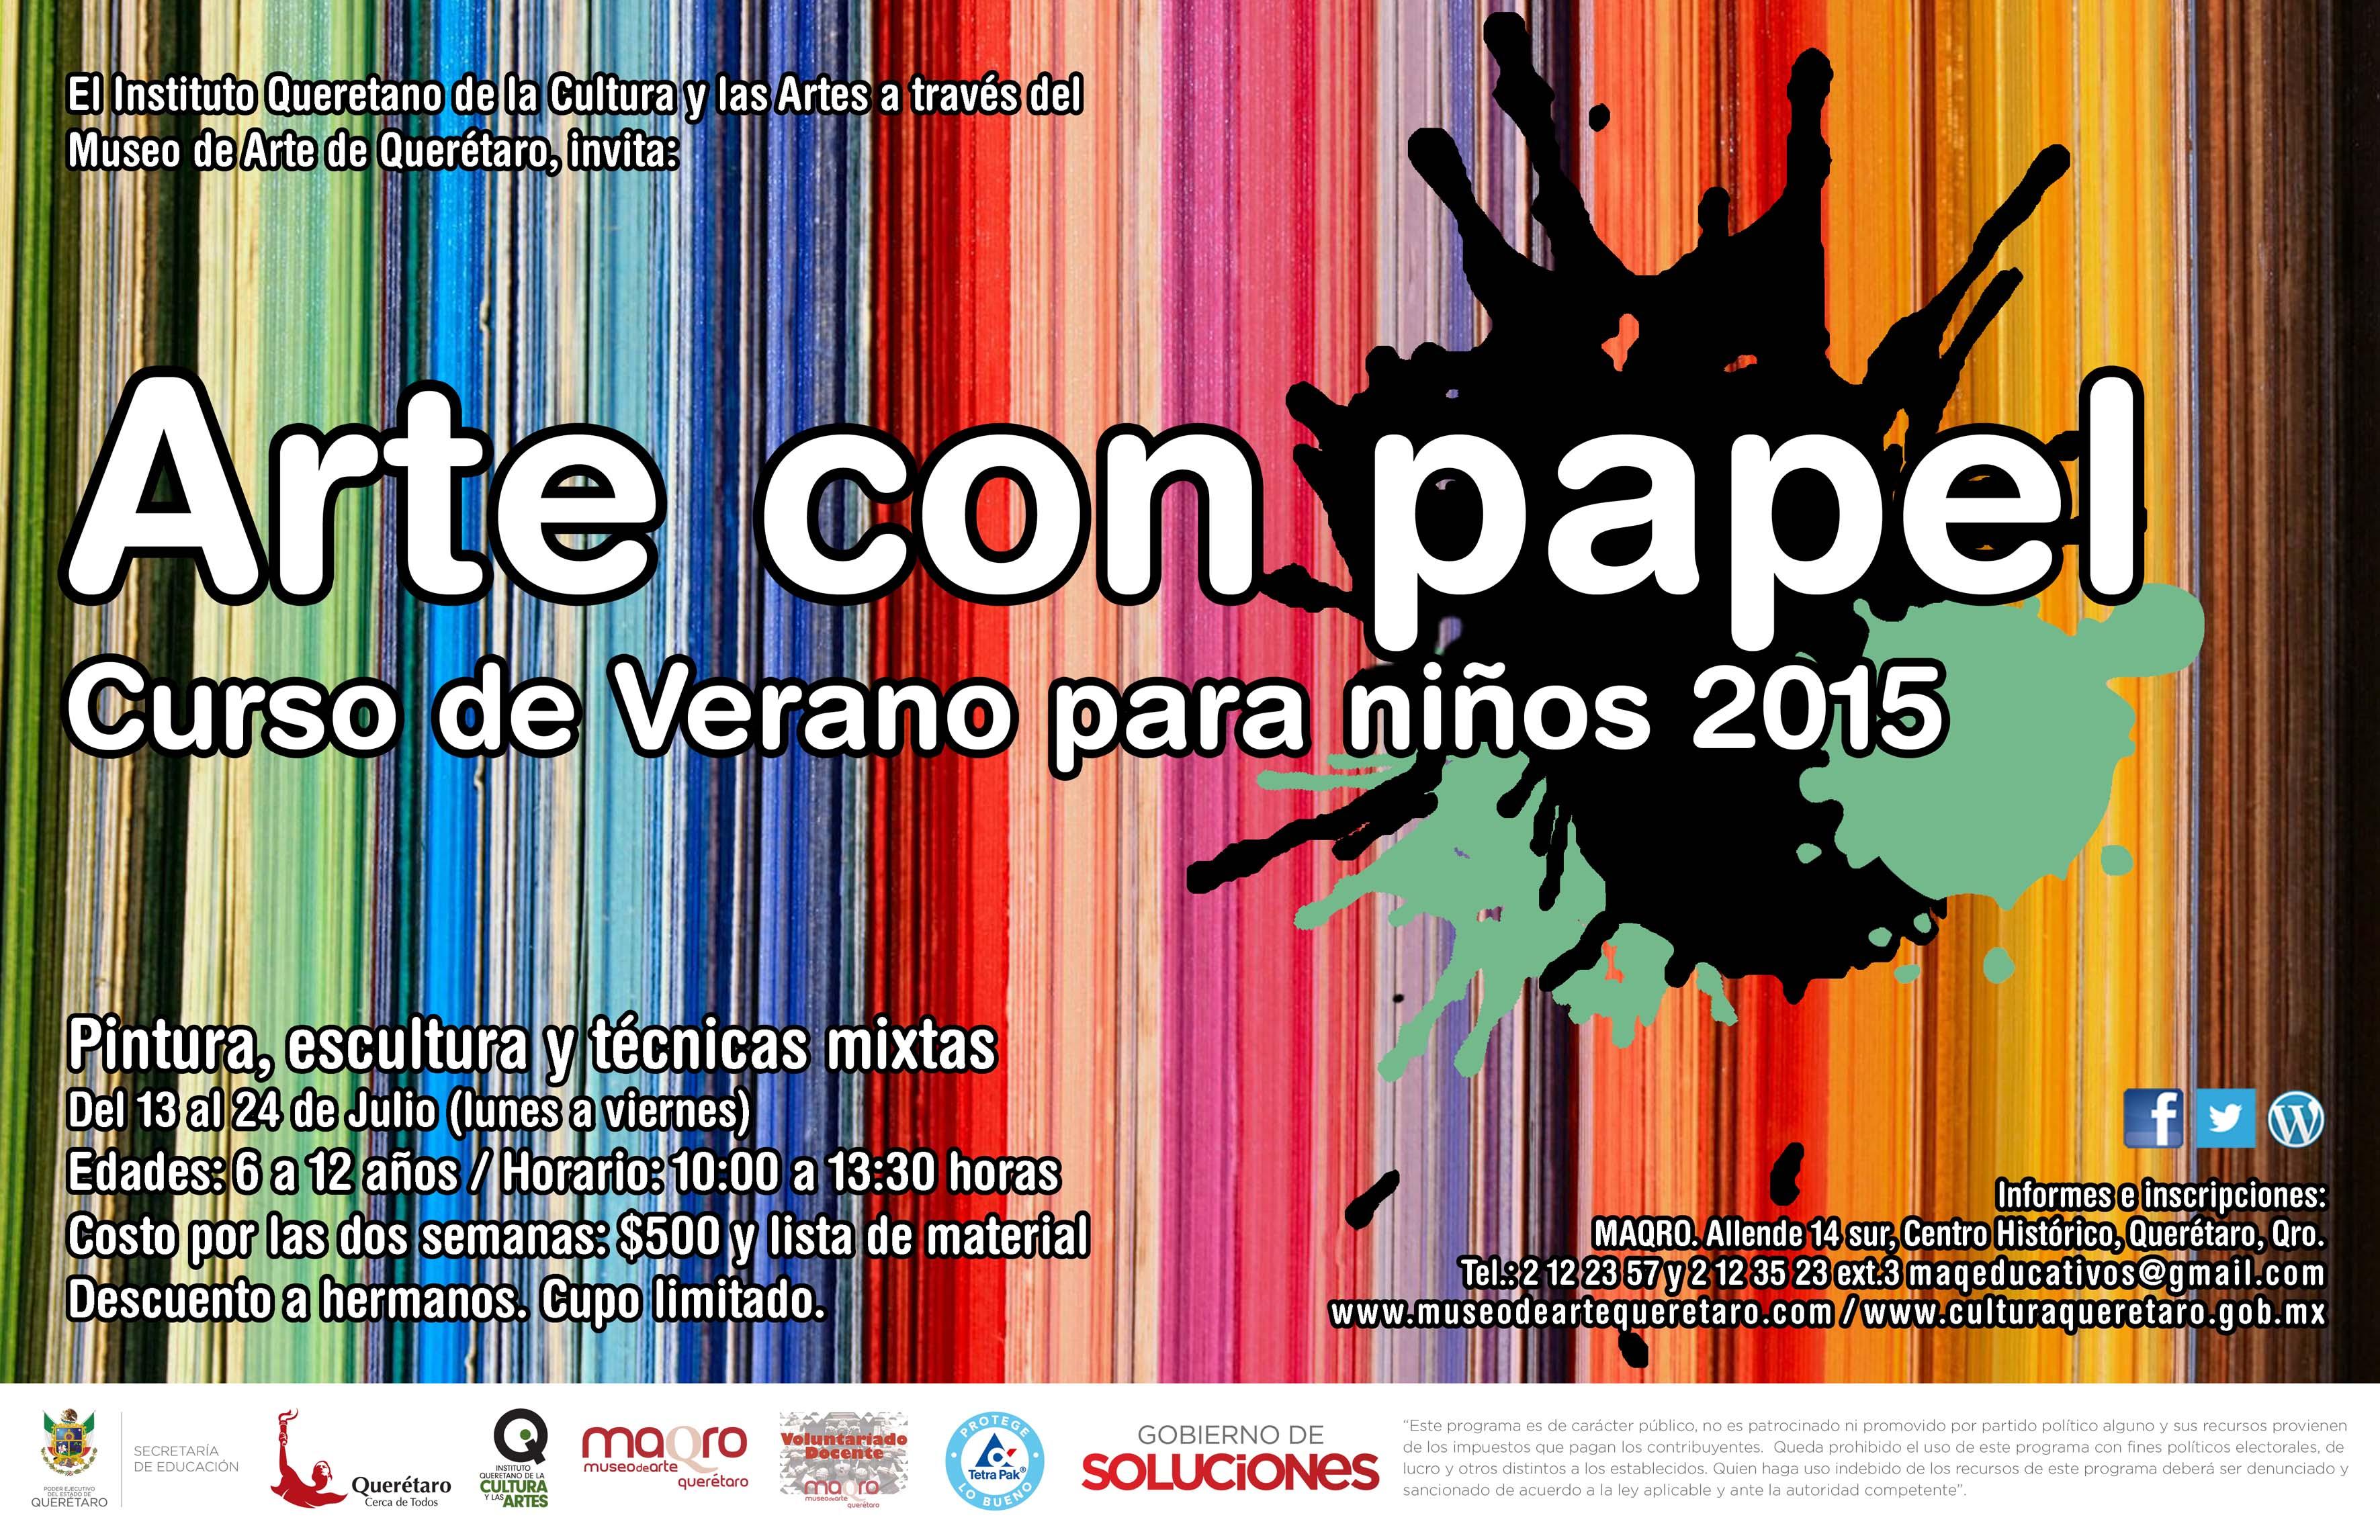 Curso de Verano para niños – Arte con papel